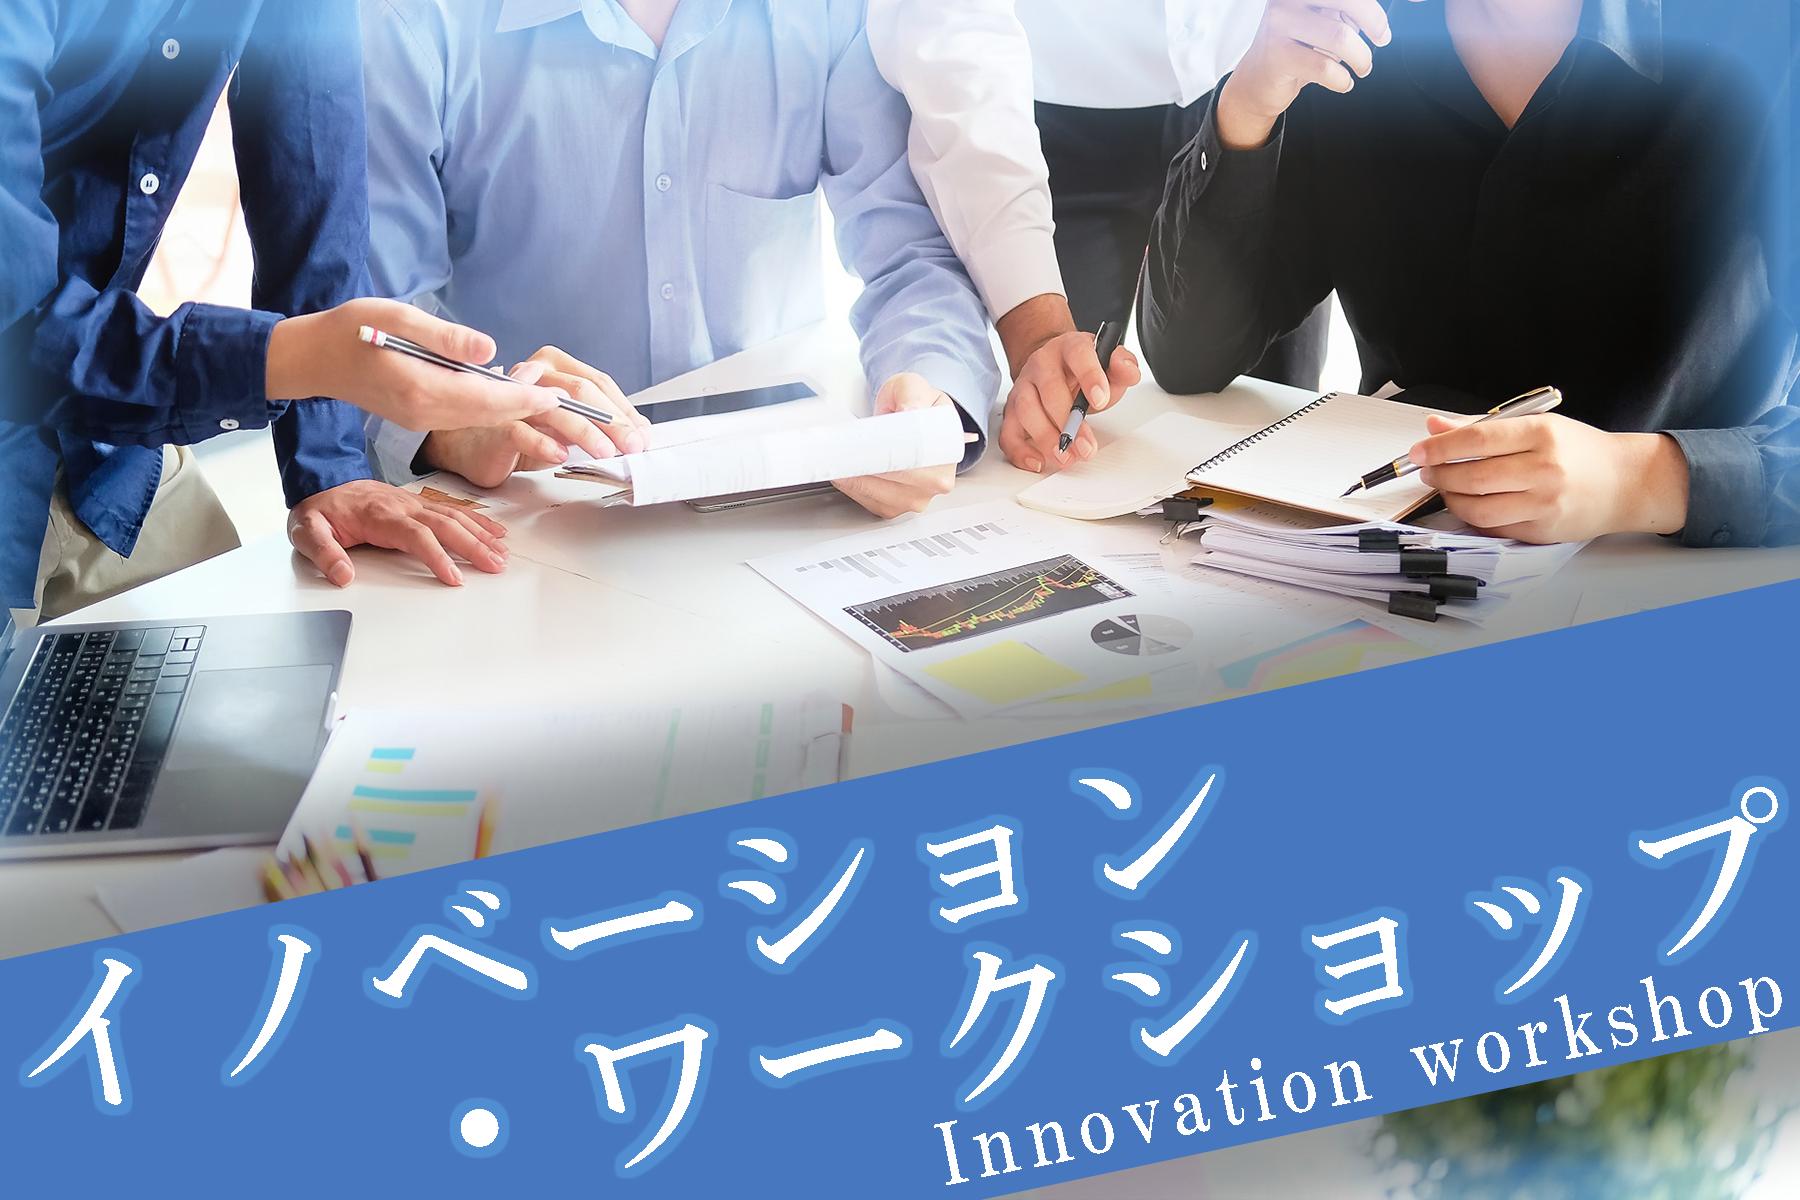 イノベーション・ワークショップ